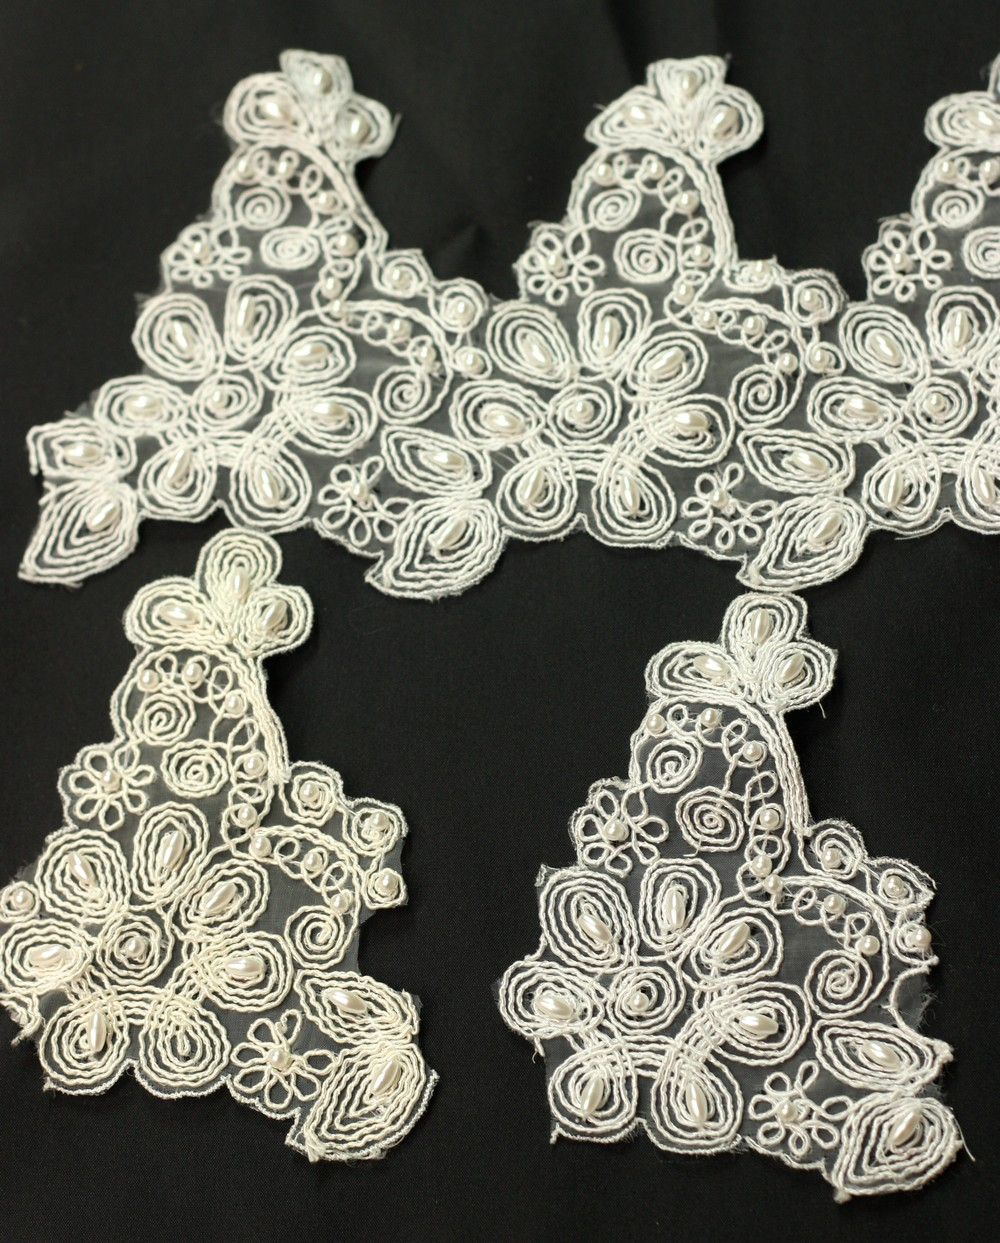 Applique de fleurs avec perles sur organza (802)